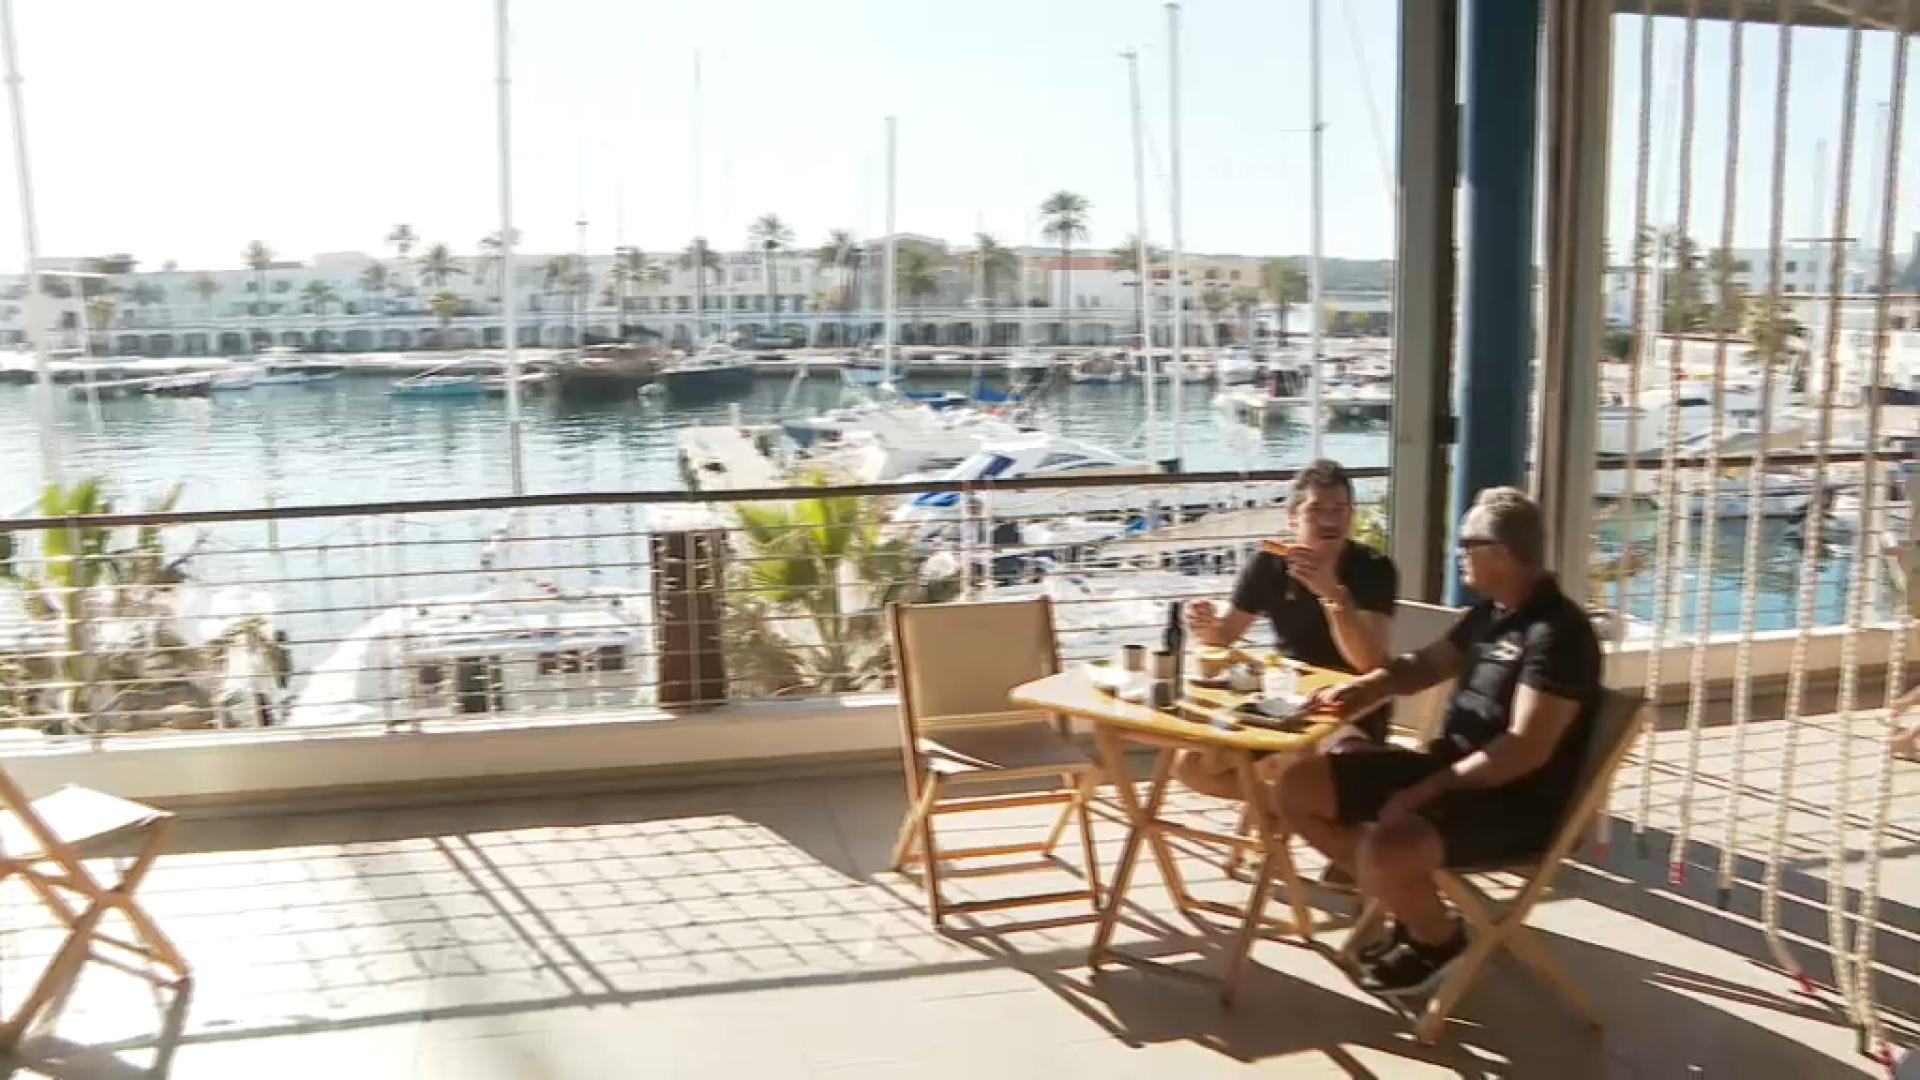 La+confraria+de+pescadors+canviar%C3%A0+d%27ubicaci%C3%B3+al+Port+de+la+Savina